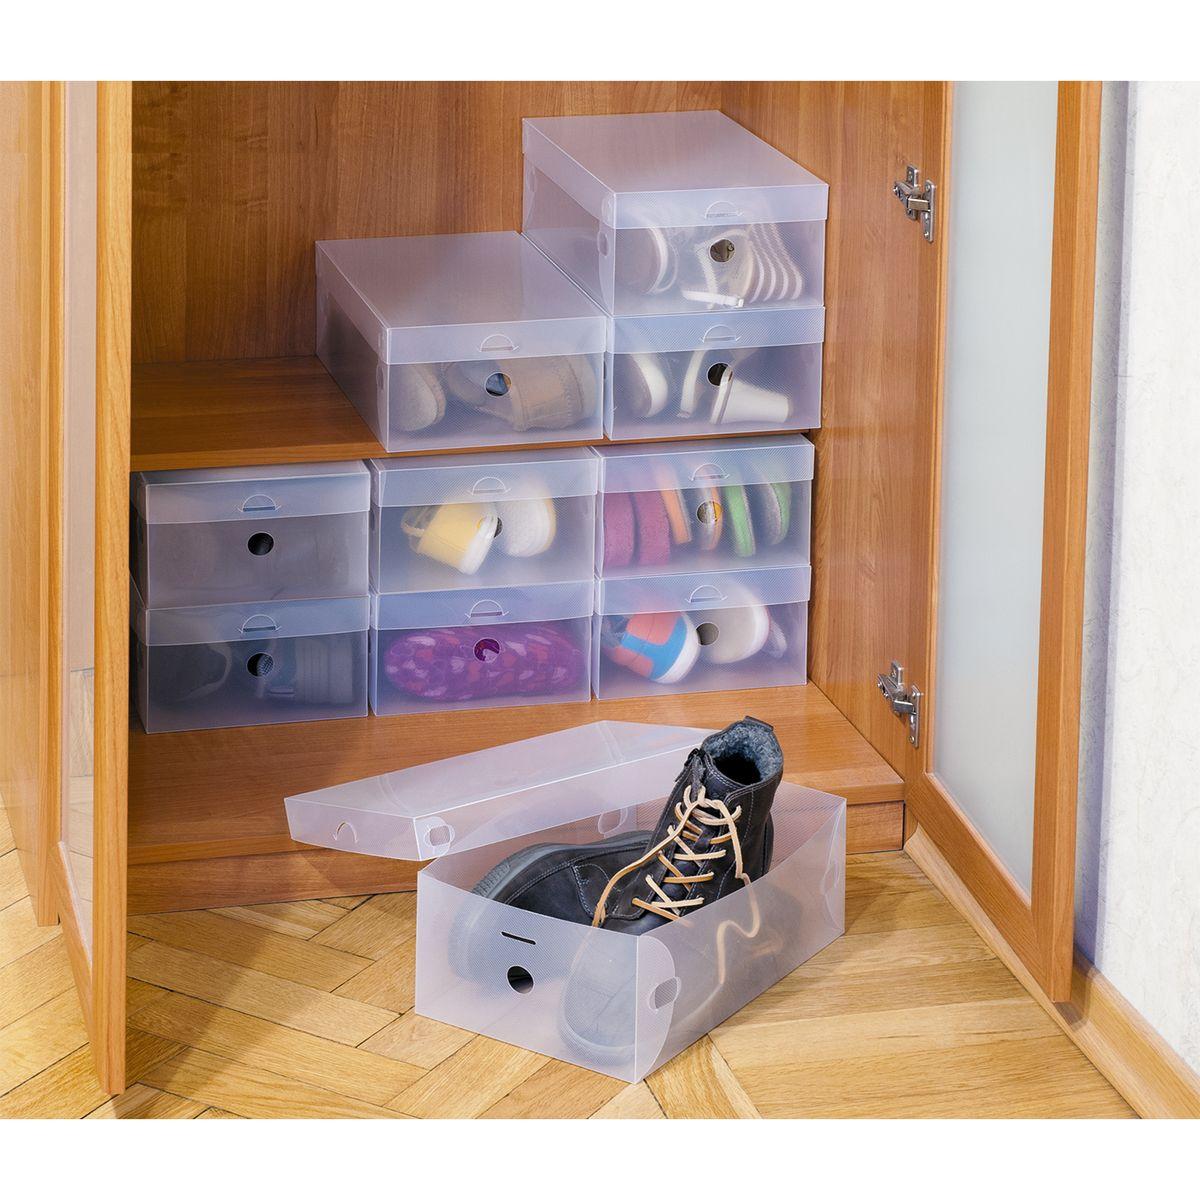 Набор коробок для хранения обуви Tatkraft Glasgow, 10 шт16118Tatkraft GLASGOW Набор из 10 пластиковых коробок для хранения обуви. Полупрозрачный пластик позволяет легко найти нужную пару, рифленая поверхность препятствует скольжению, удобная крышка, долговечный, износостойкий, не боящийся влаги и грязи материал, легко мыть. Легко хранить в сложенном виде если коробка не используется. Оптимальный размер: подходит для женской обуви на каблуках, мужских ботинок (до 48 размера). Размер: 34?21?13 см.